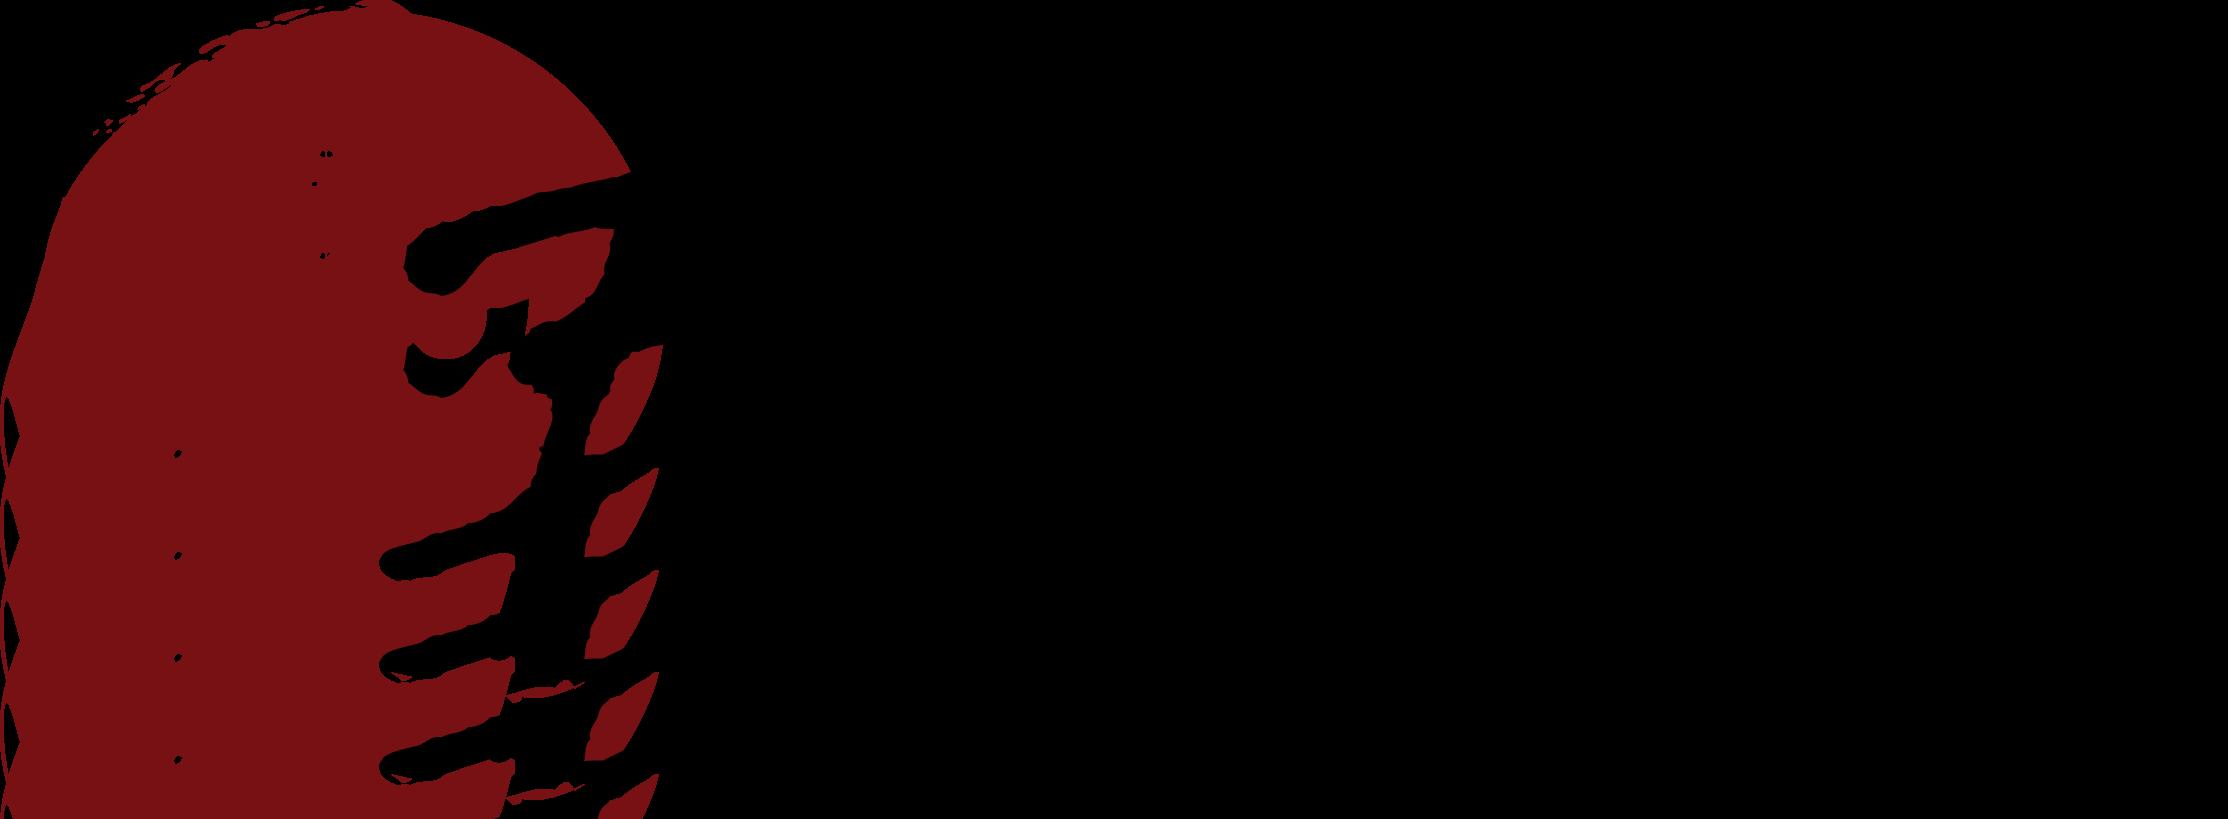 bigstuf_logo.png